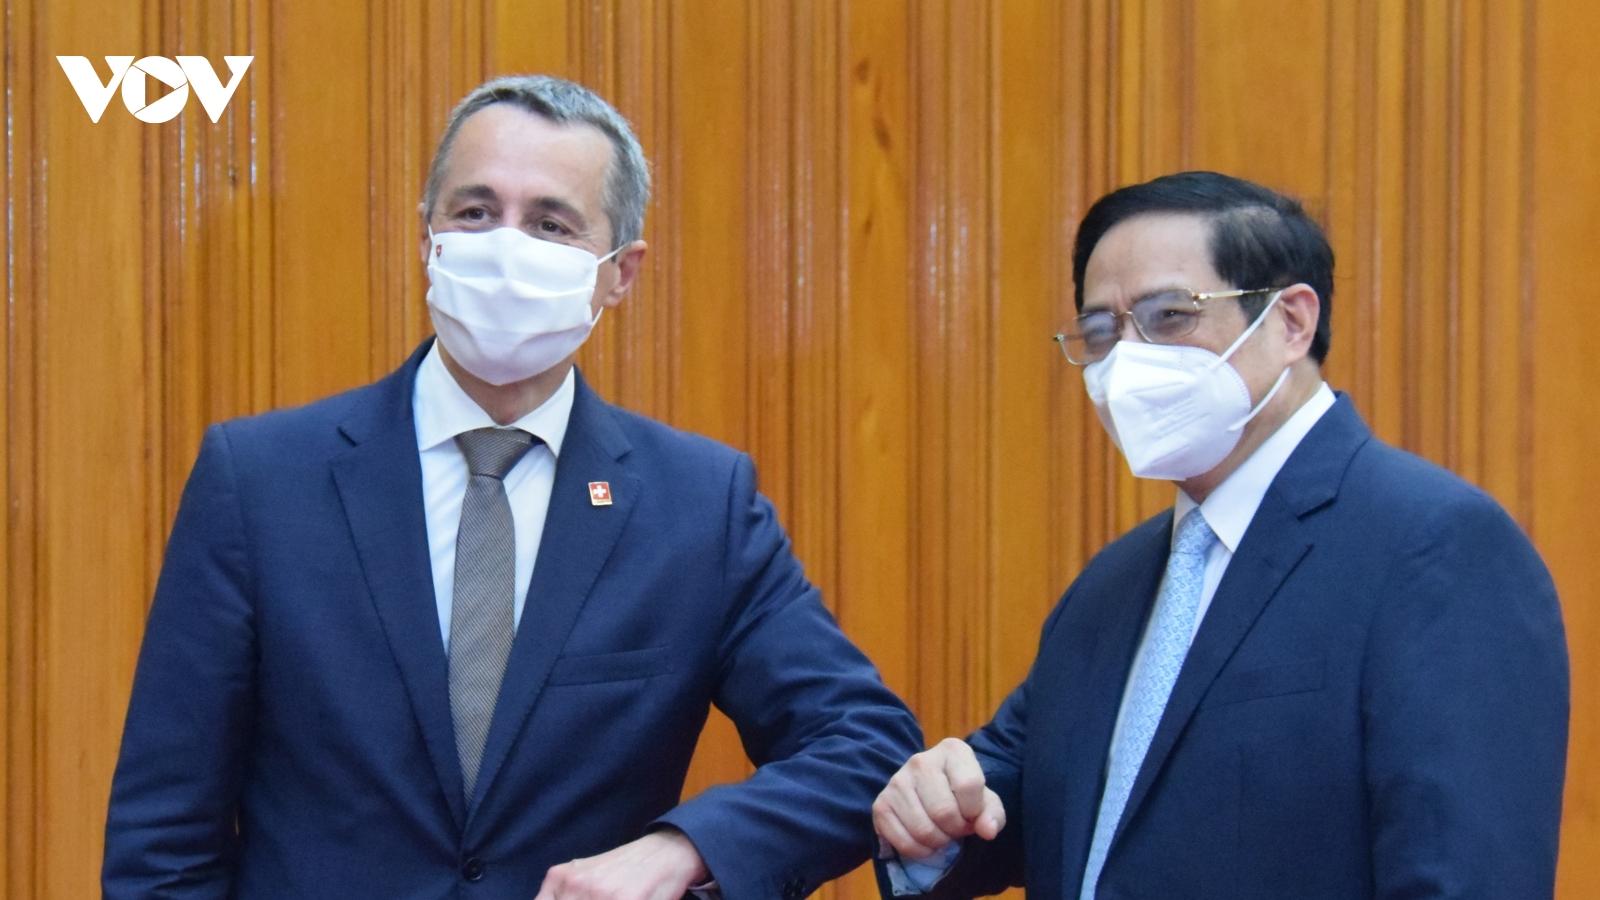 Thụy Sỹ viện trợ khẩn cấp cho Việt Nam thiết bị, vật tư y tế phòng chống Covid-19